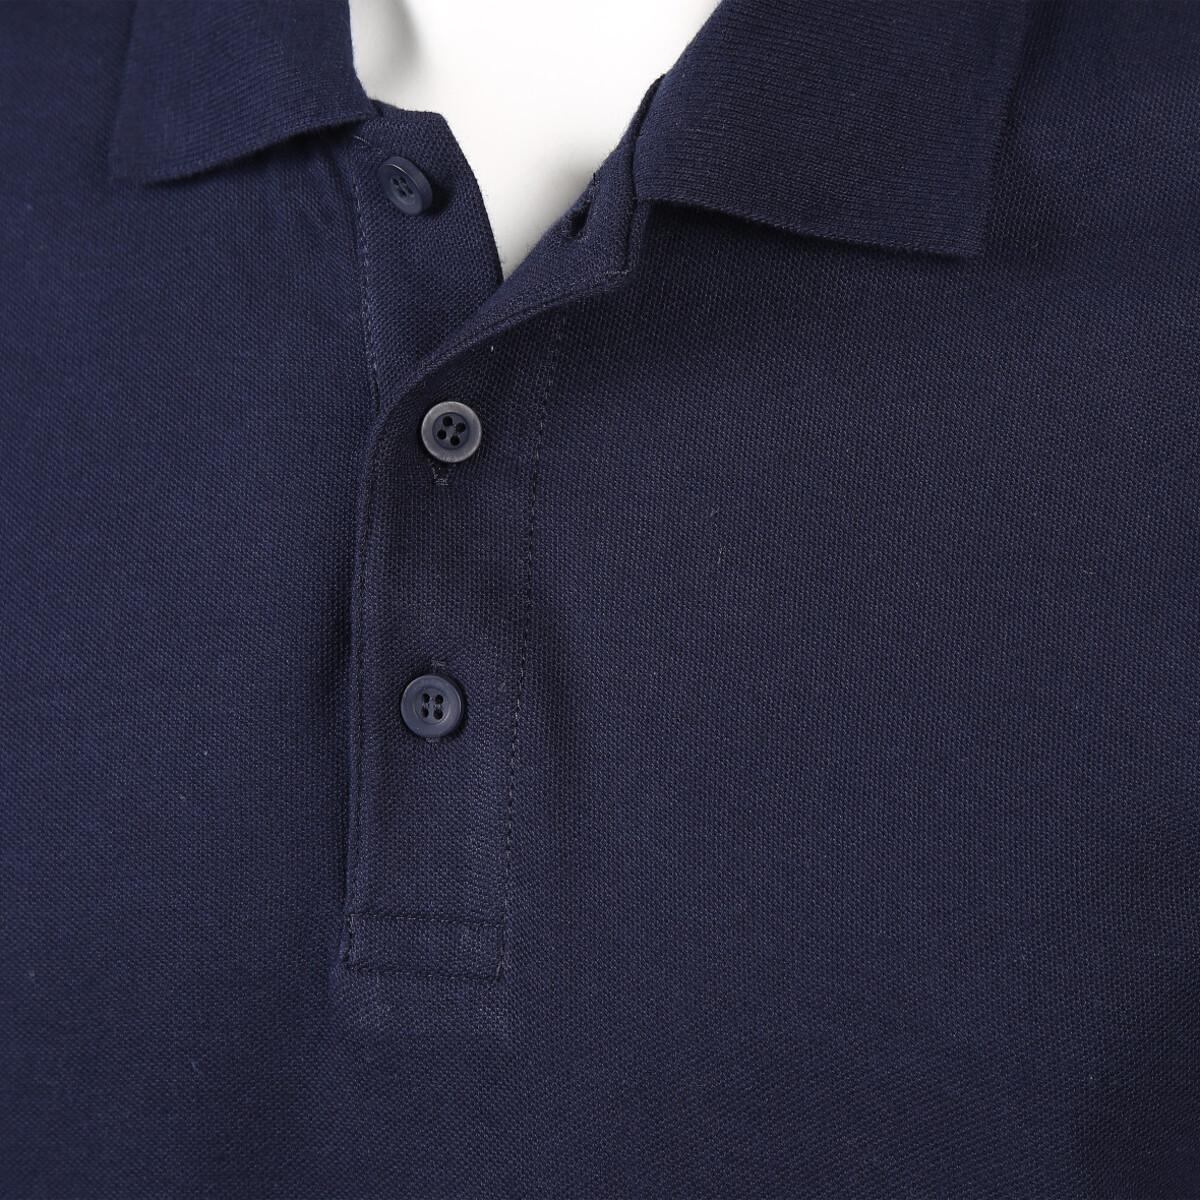 Bild 3 von Herren Poloshirt